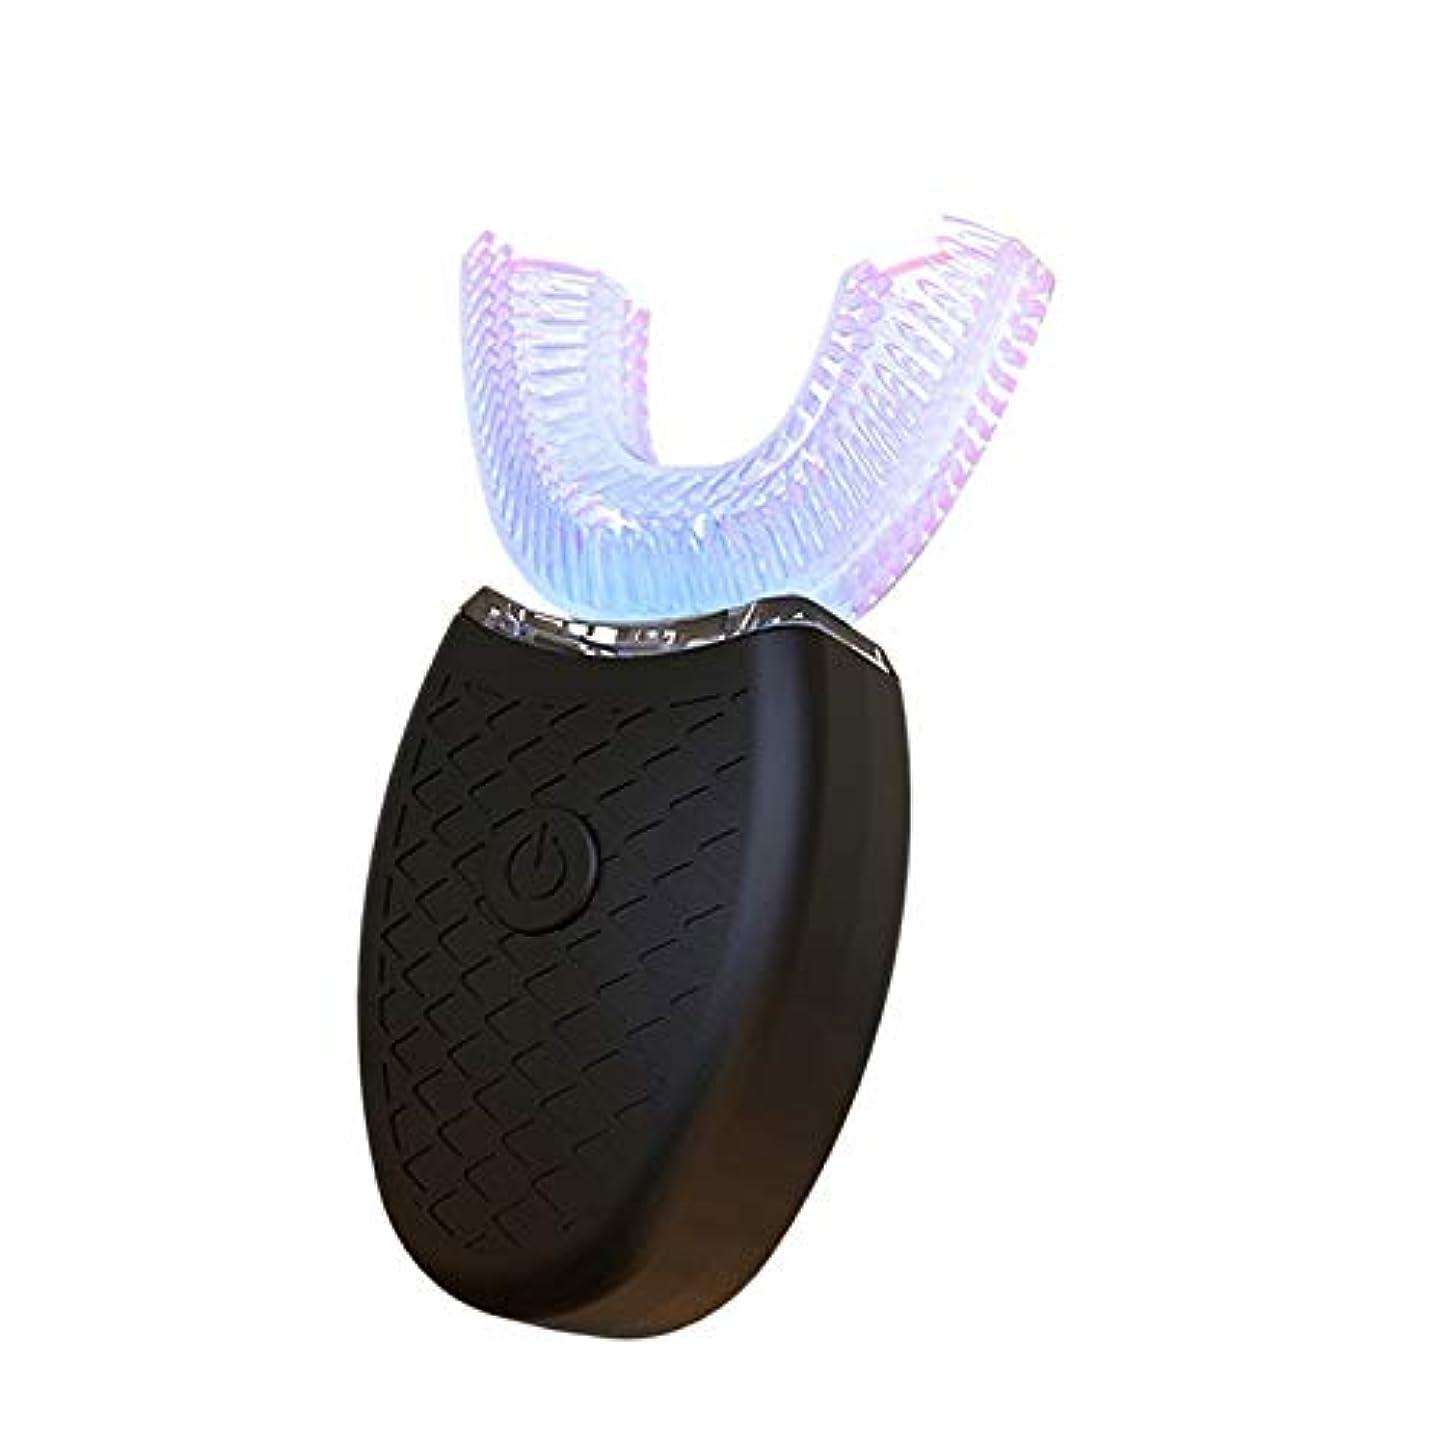 ポンプぬるいパッチACAMPTAR 360度U型自動電動歯ブラシ、高周波超音波振動ブルーライト-歯のホワイトニング用シリコーンのブラシヘッド、黒色